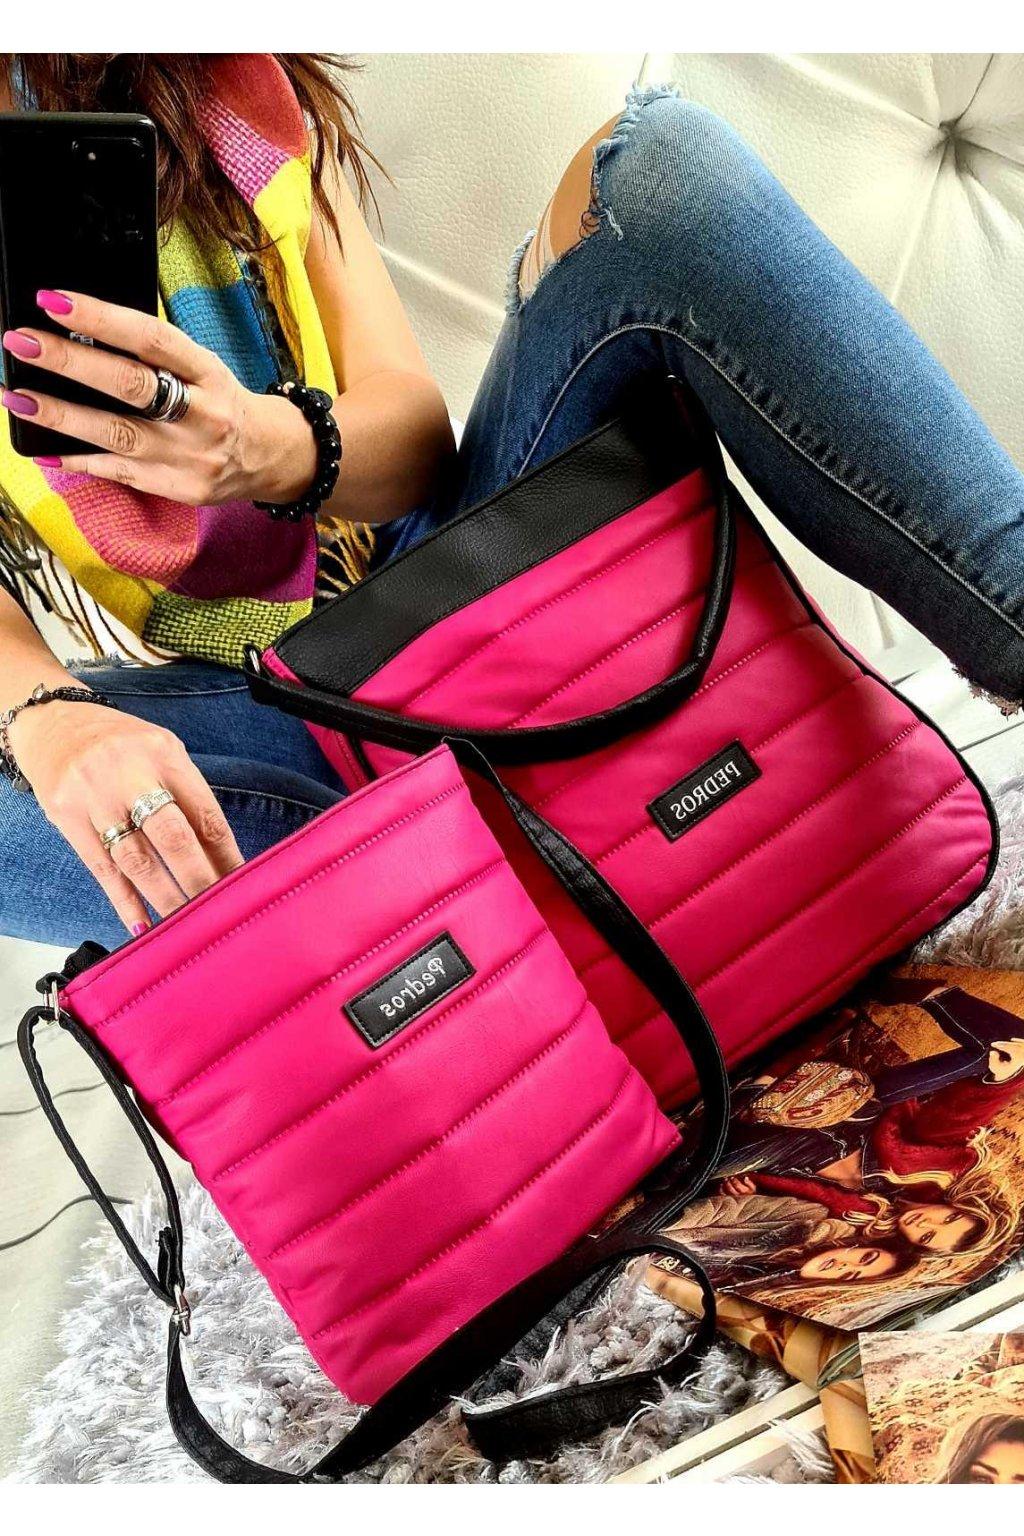 komplet kabelek pedros v růžové barvě dárkový set